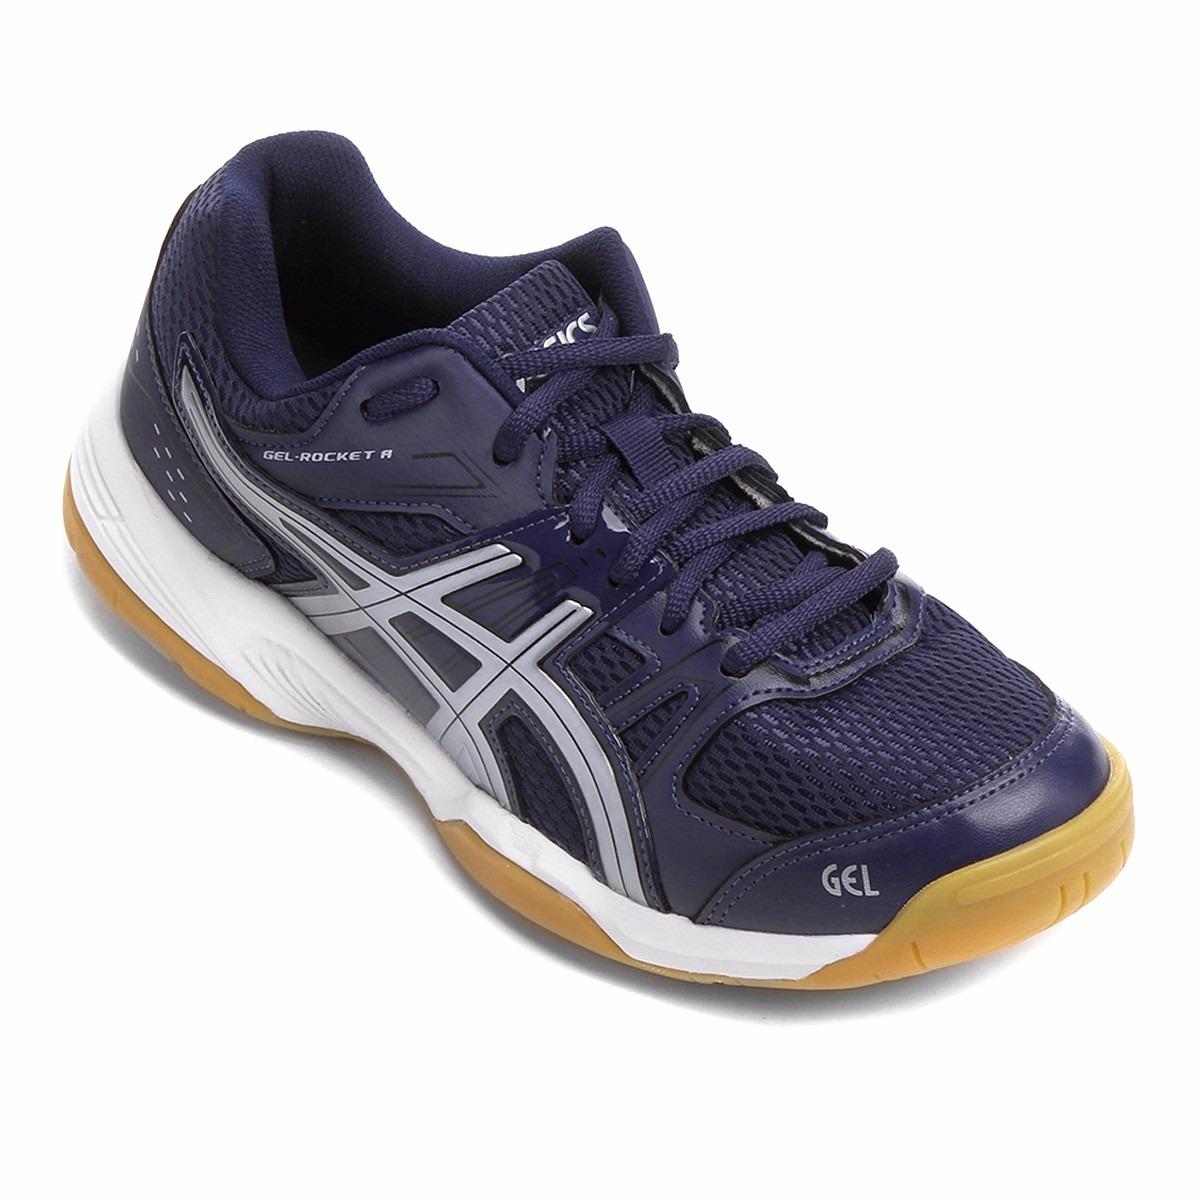 8593c62263d Tênis Asics Gel Rocket 7a Vôlei Futsal Squash Tennis - R  199